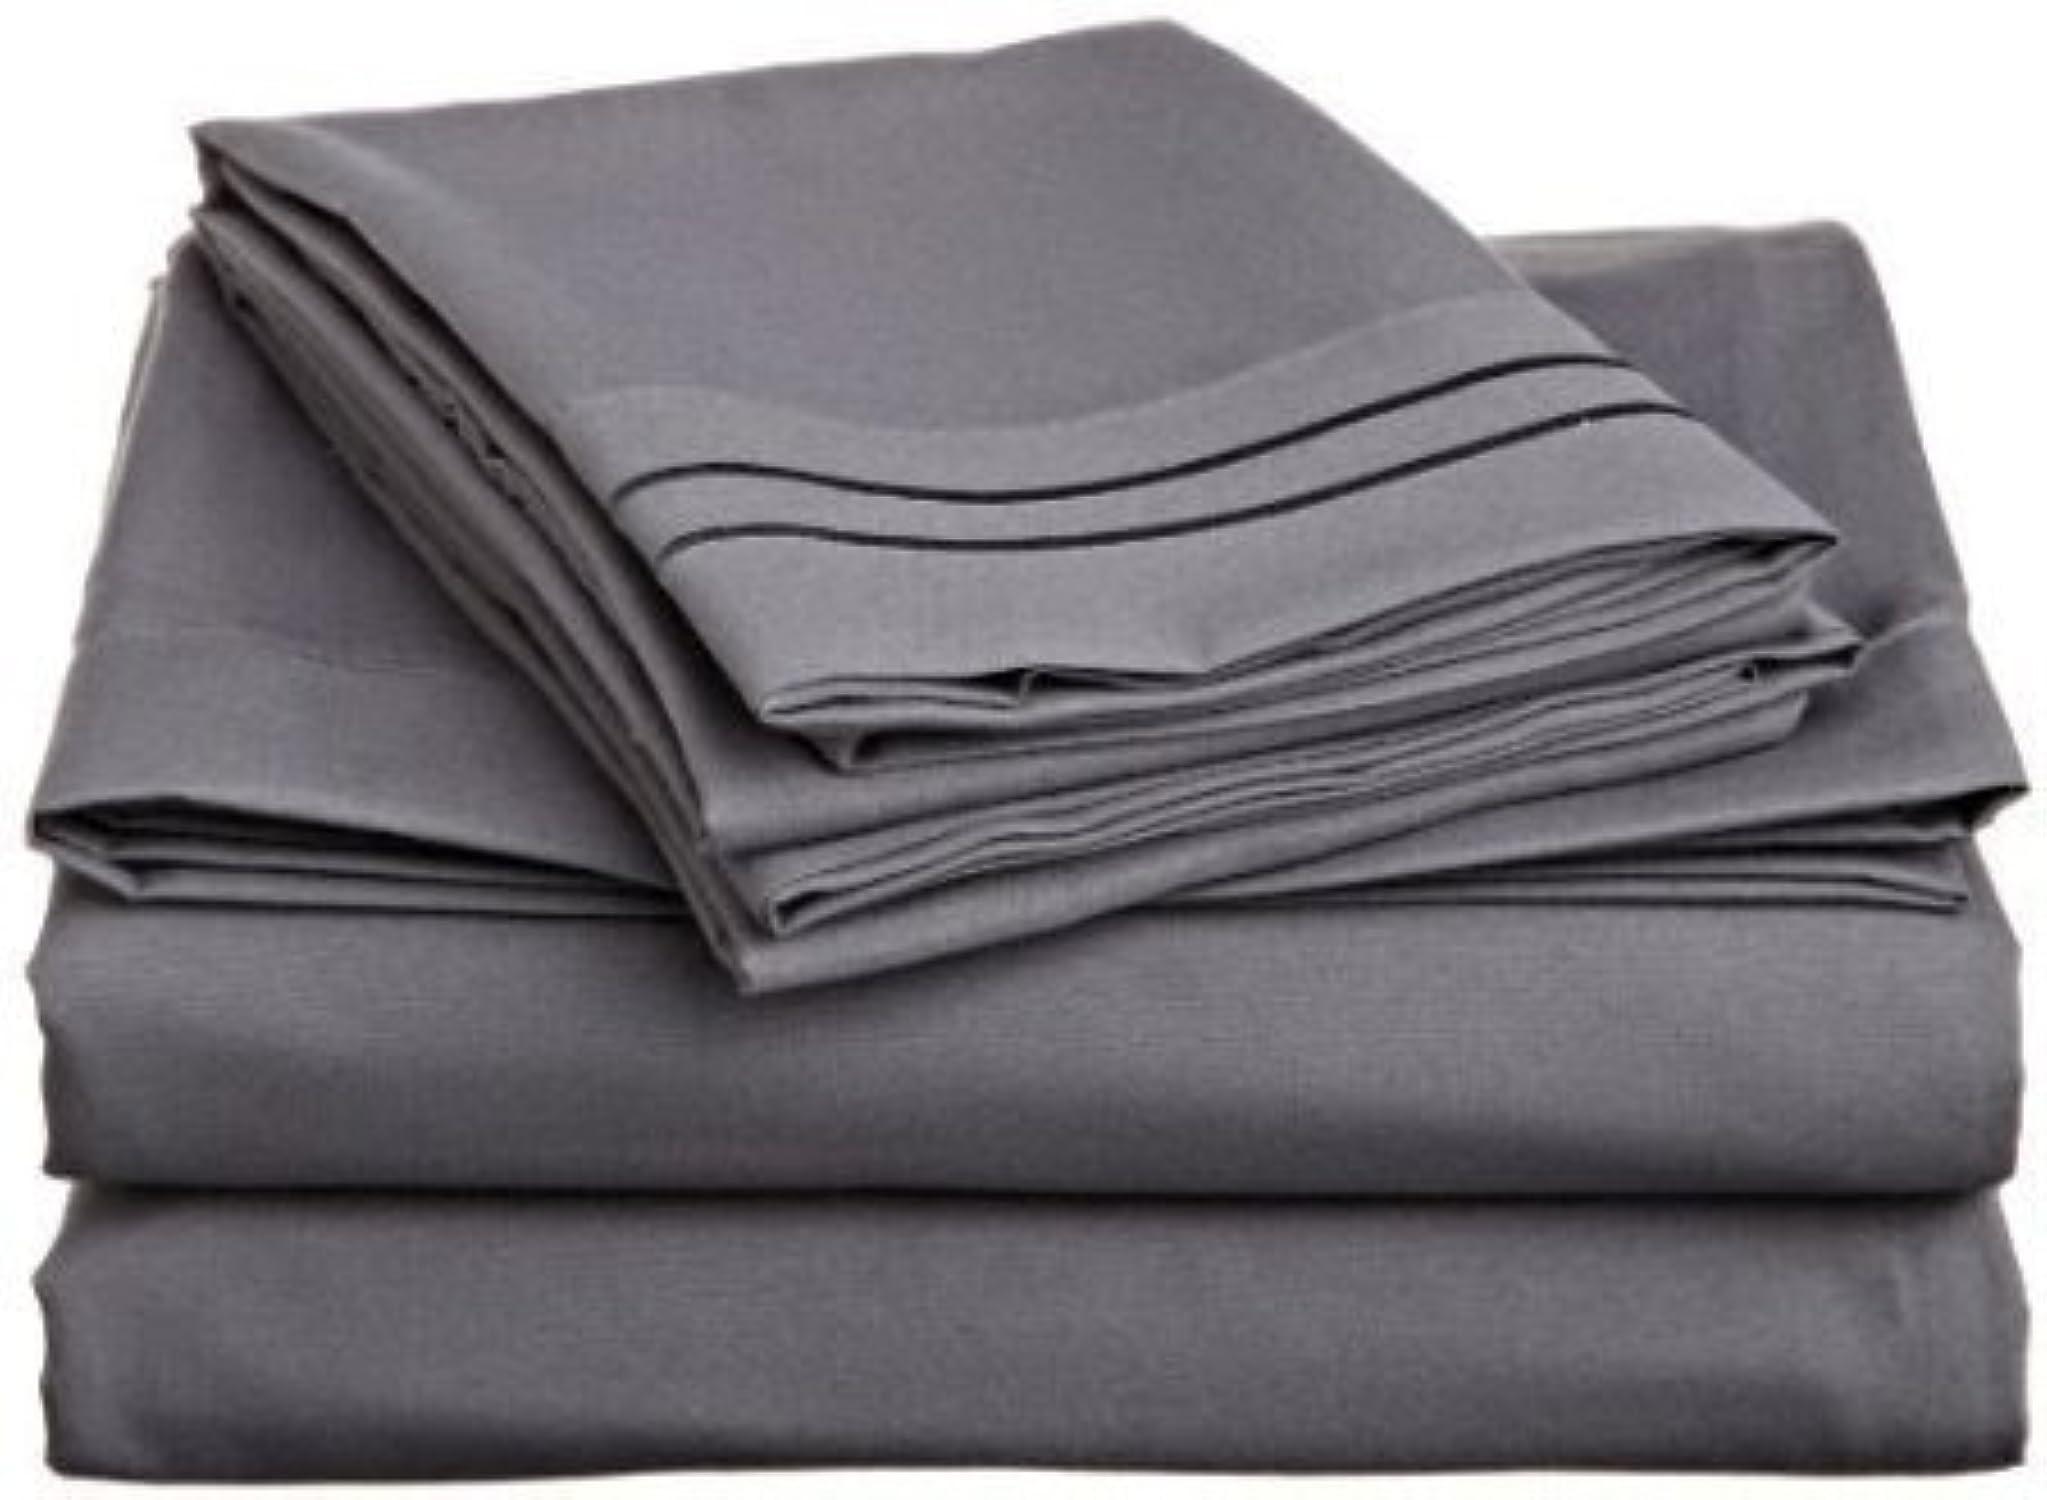 Premium de qualité 550-thread-count Coton égypcravaten de lit 76,2cm Poche profonde suppléHommestaire anglais Petite taille unique longue, éléphant gris gris foncé solide, 550tc Parure de lit de 100% coton